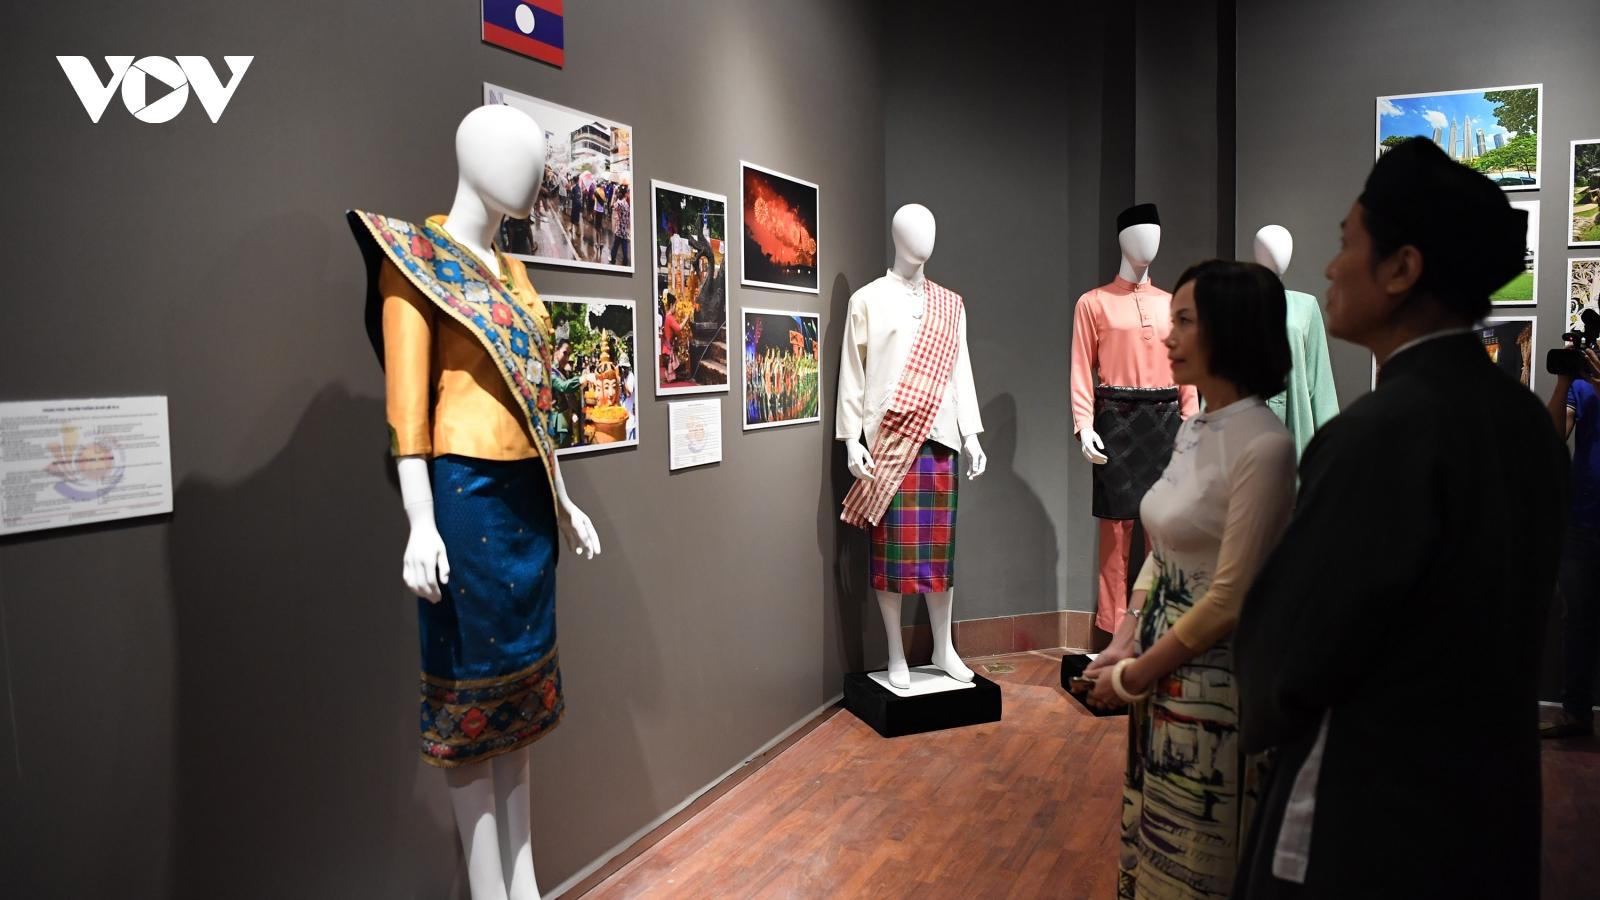 Chiêm ngưỡng vẻ đẹp trang phục truyền thống các nước ASEAN